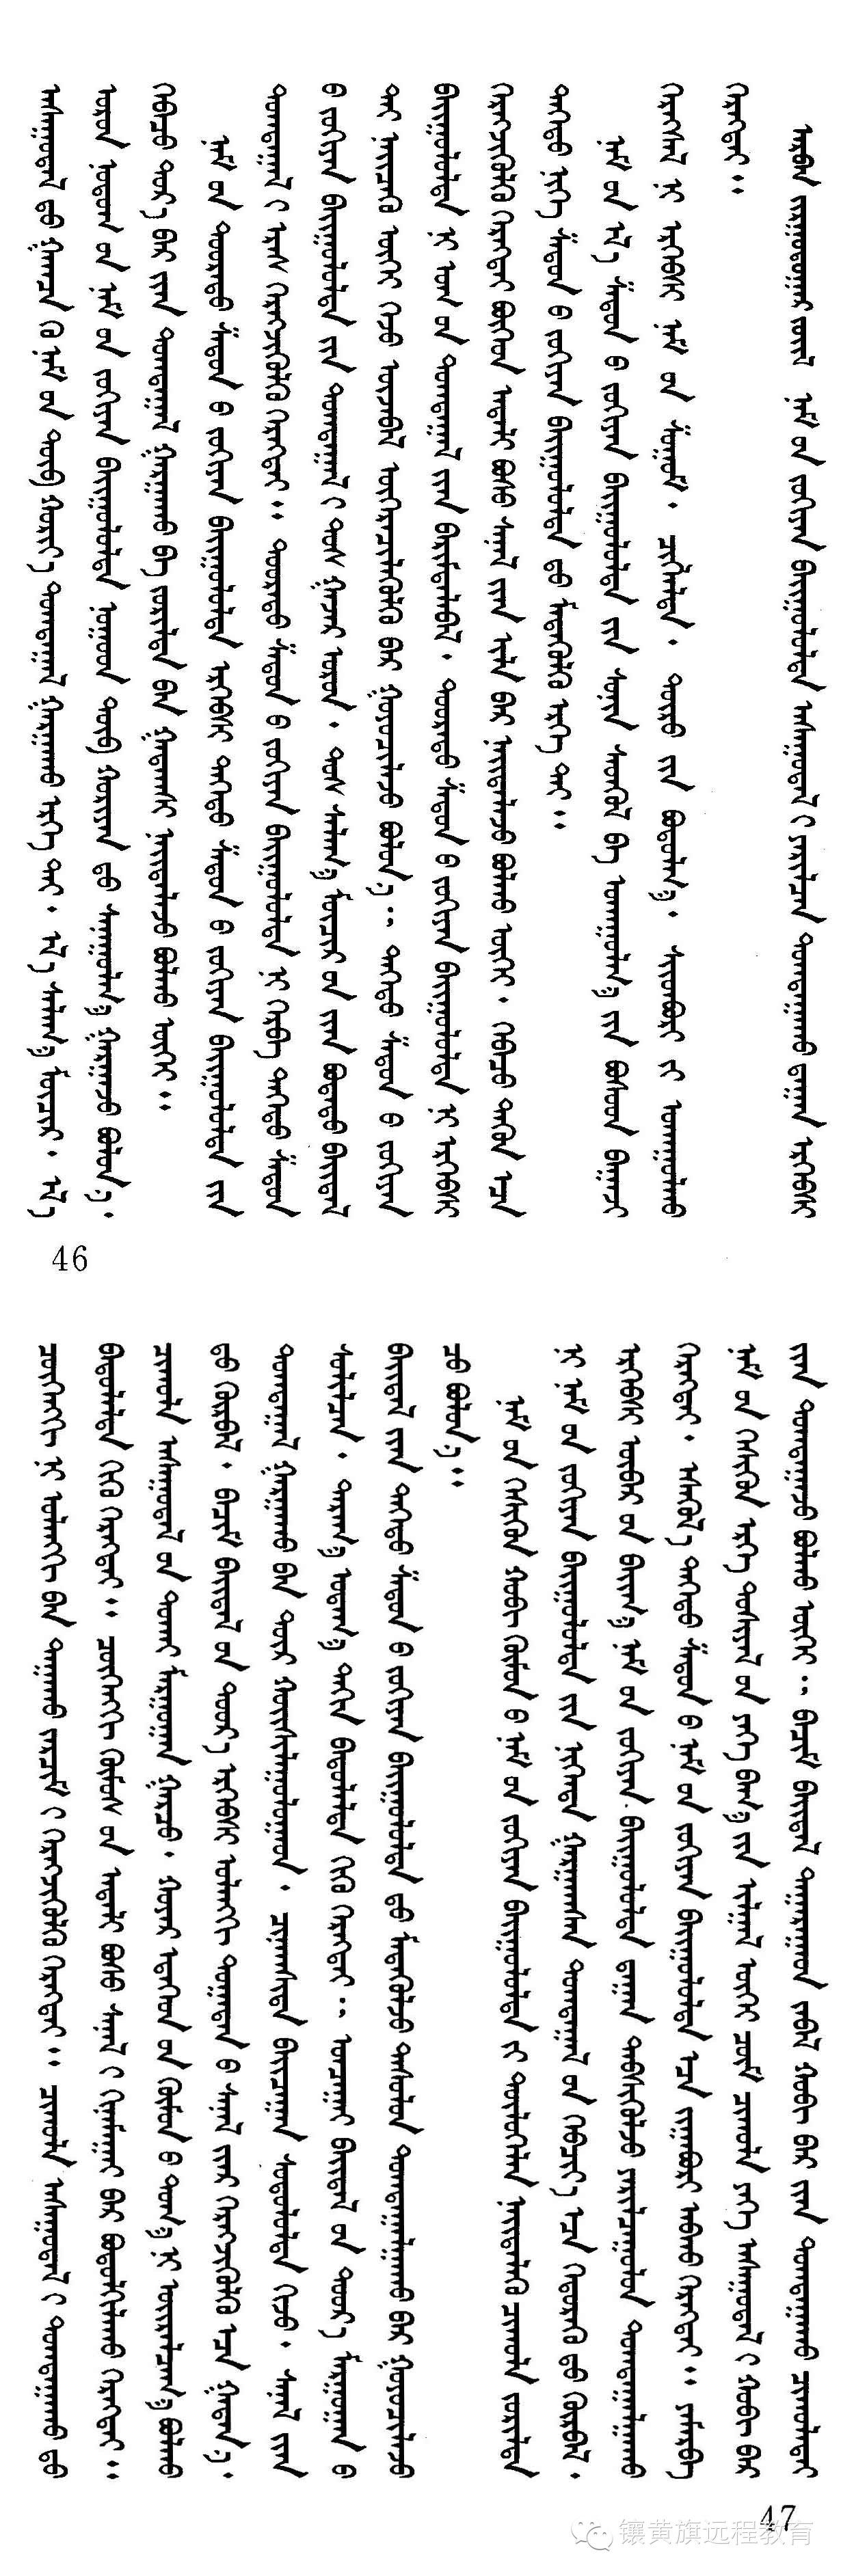 【两学一做材料】蒙文版《党章》 第9张 【两学一做材料】蒙文版《党章》 蒙古文库